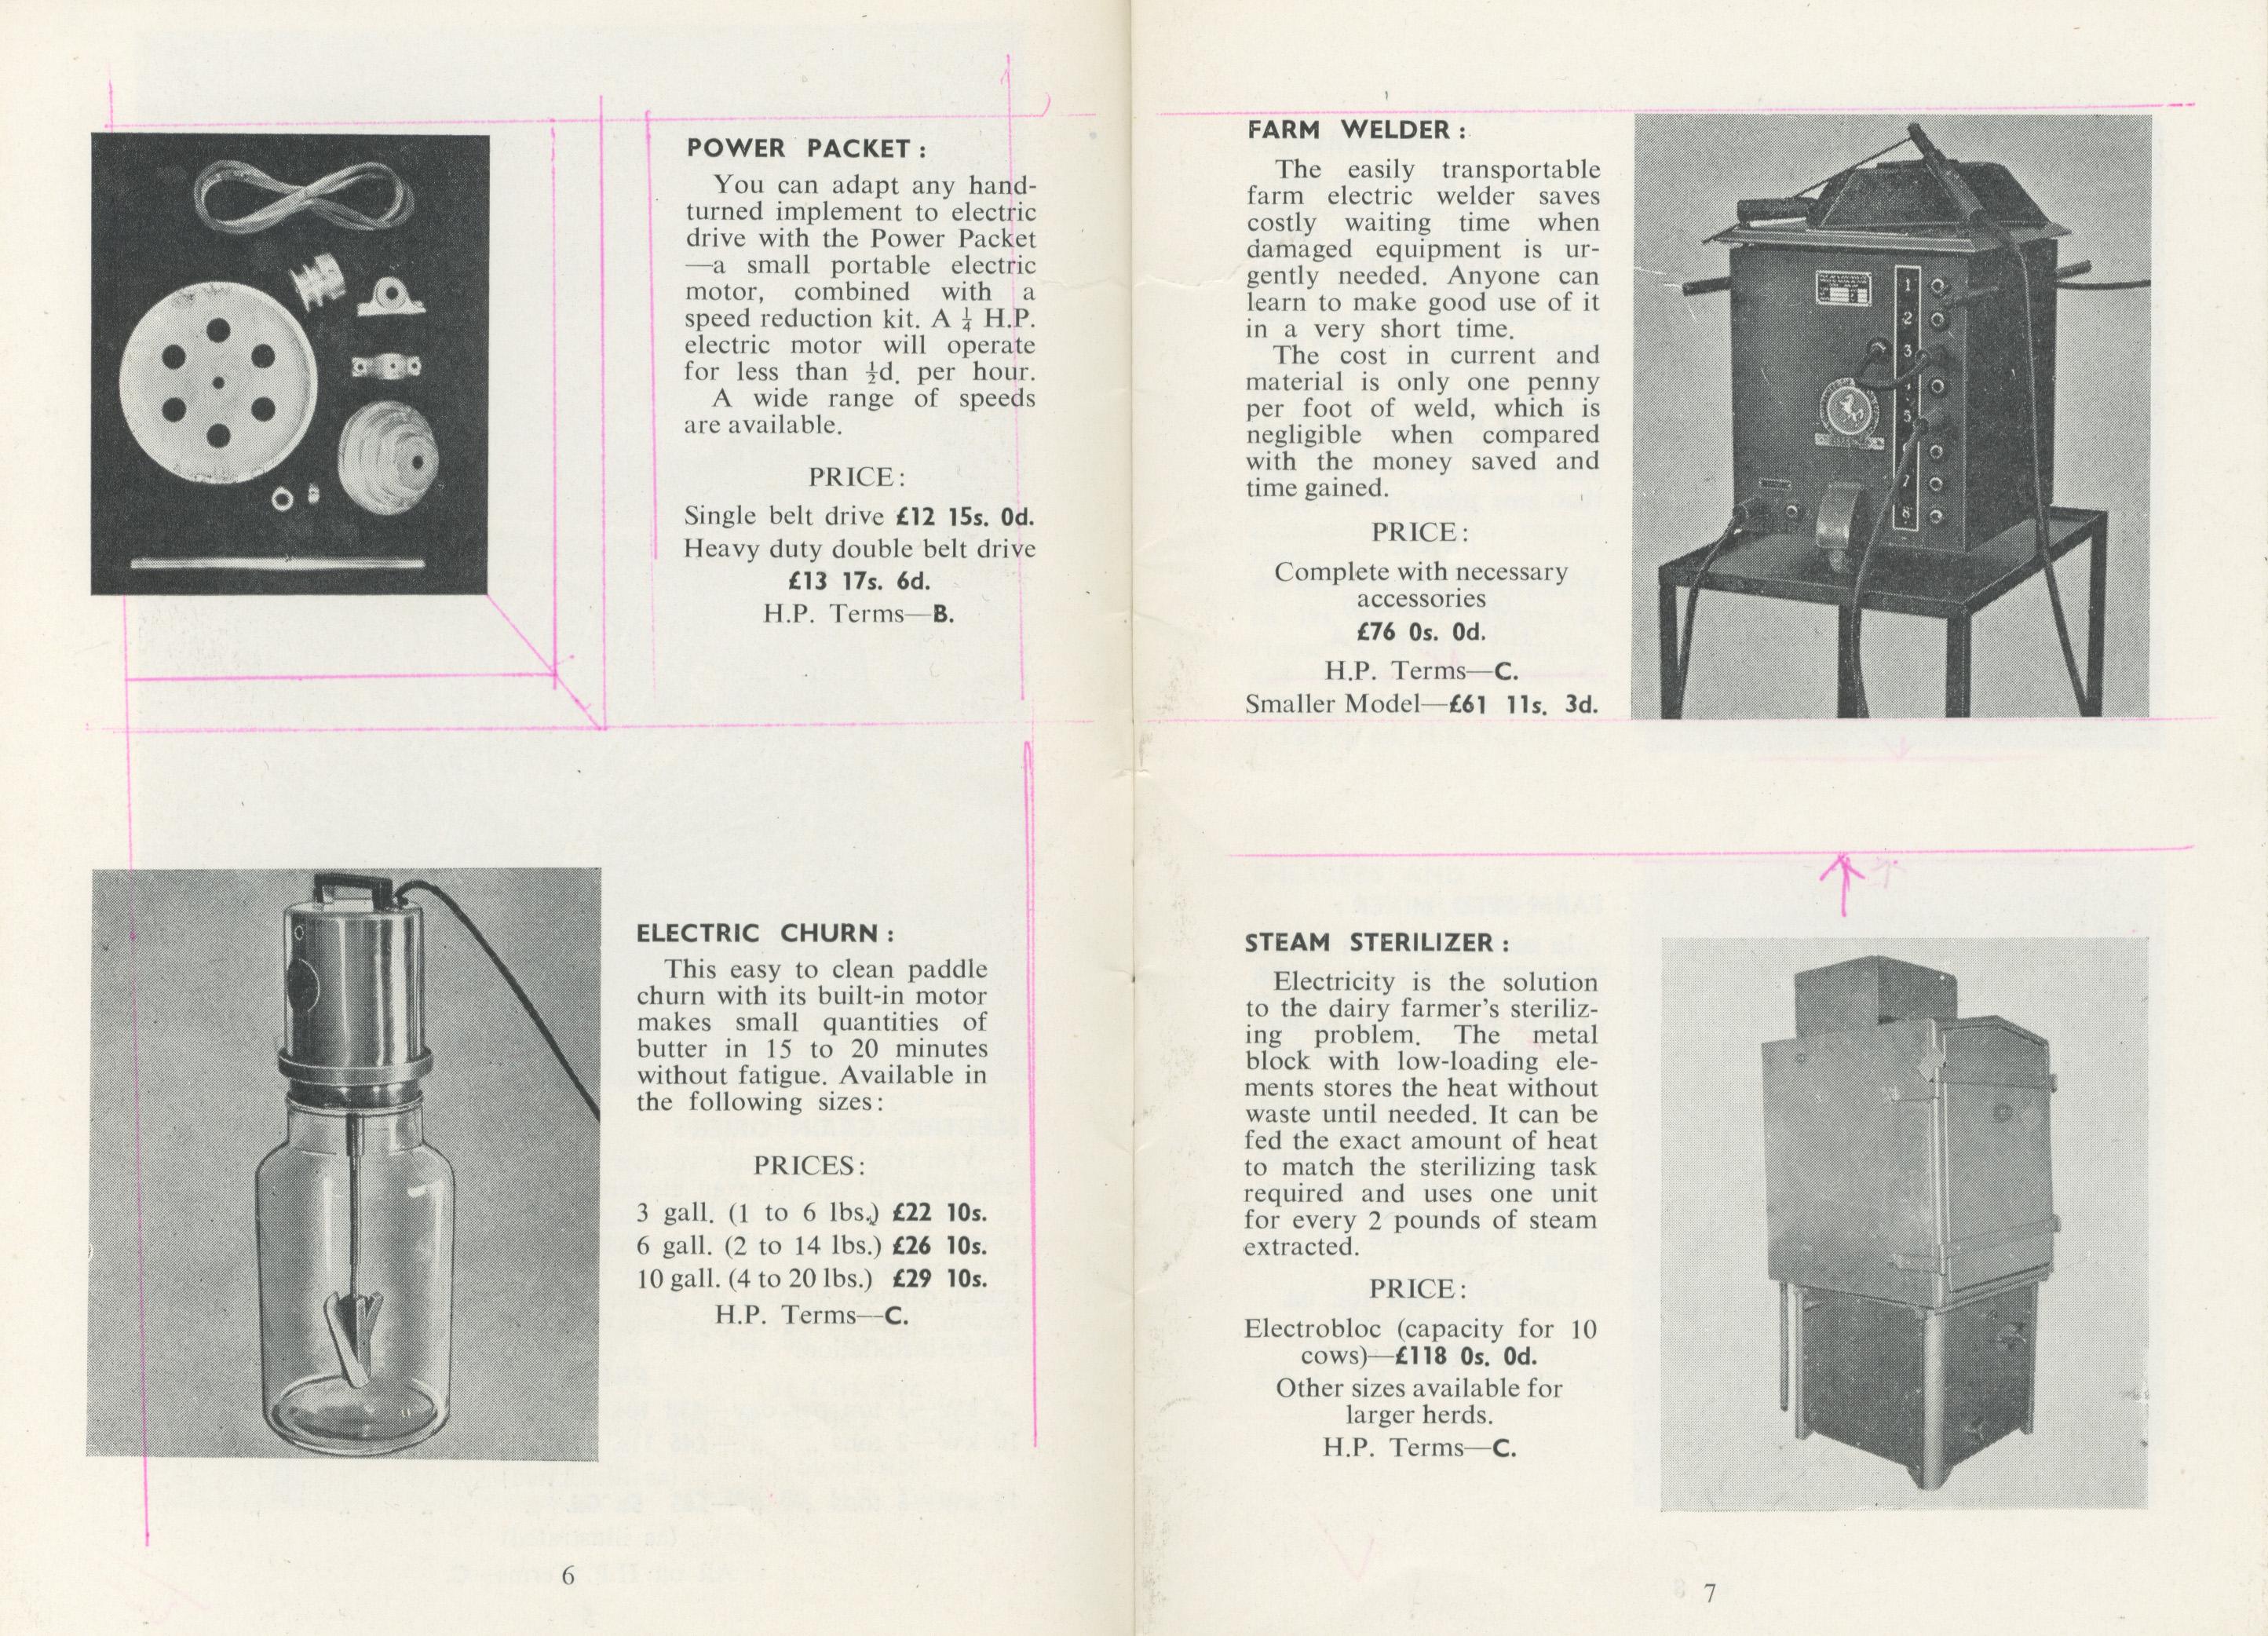 electrical farm appliances catalogue esb archives